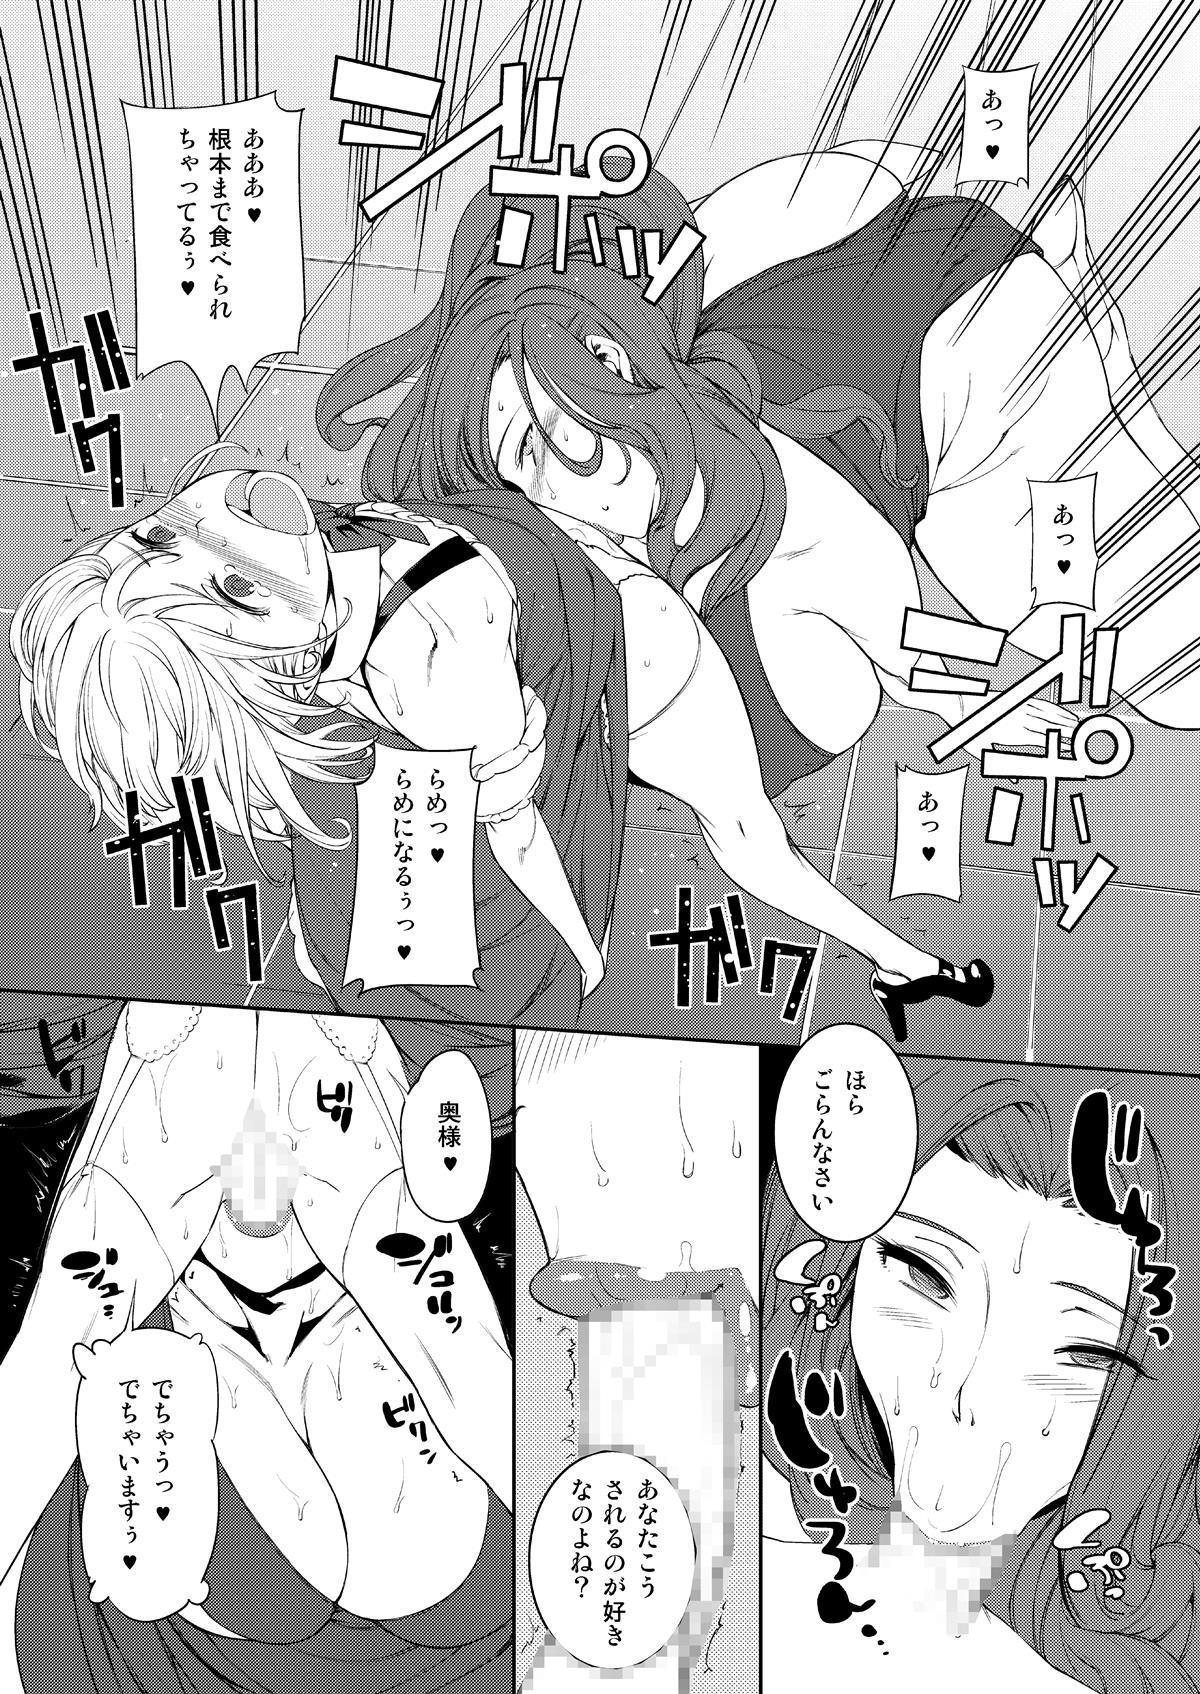 【エロ漫画・エロ同人誌】巨乳未亡人にエッチな悪戯されるショタっ子www (14)